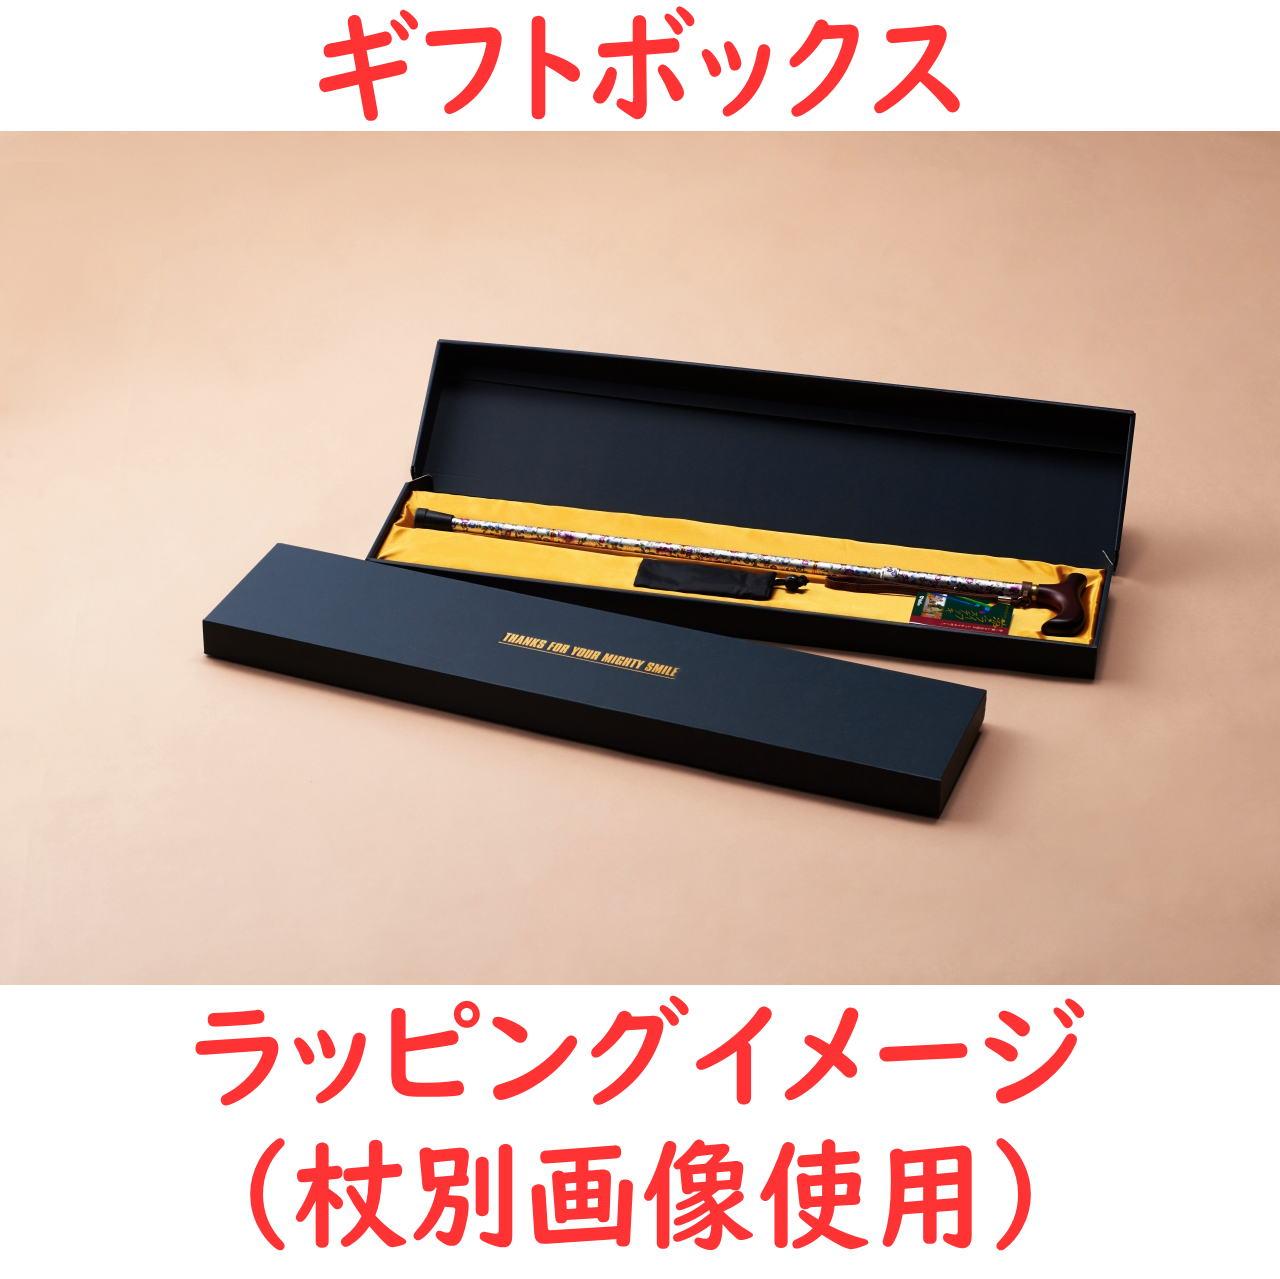 ☆ギフトボックス可☆ 夢ライフステッキ 柄杖折りたたみ伸縮型 桜ワイン